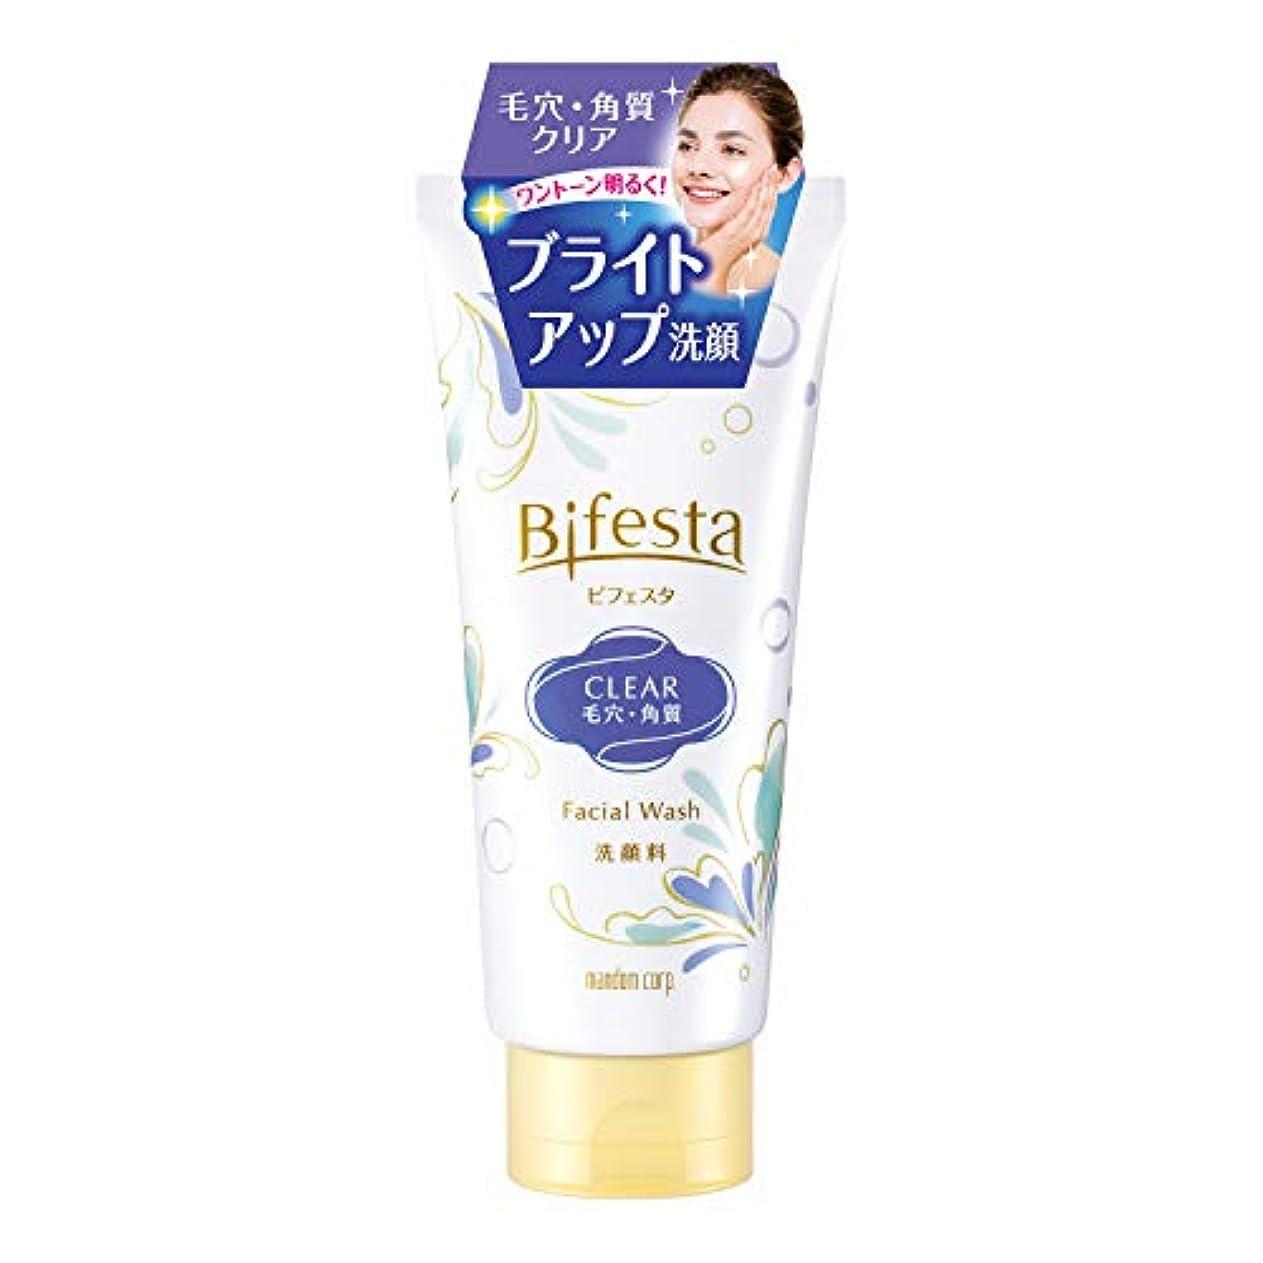 所有者ありがたい怖がらせるビフェスタ(Bifesta)洗顔 クリア 120g 毛穴?角質クリアタイプの洗顔料